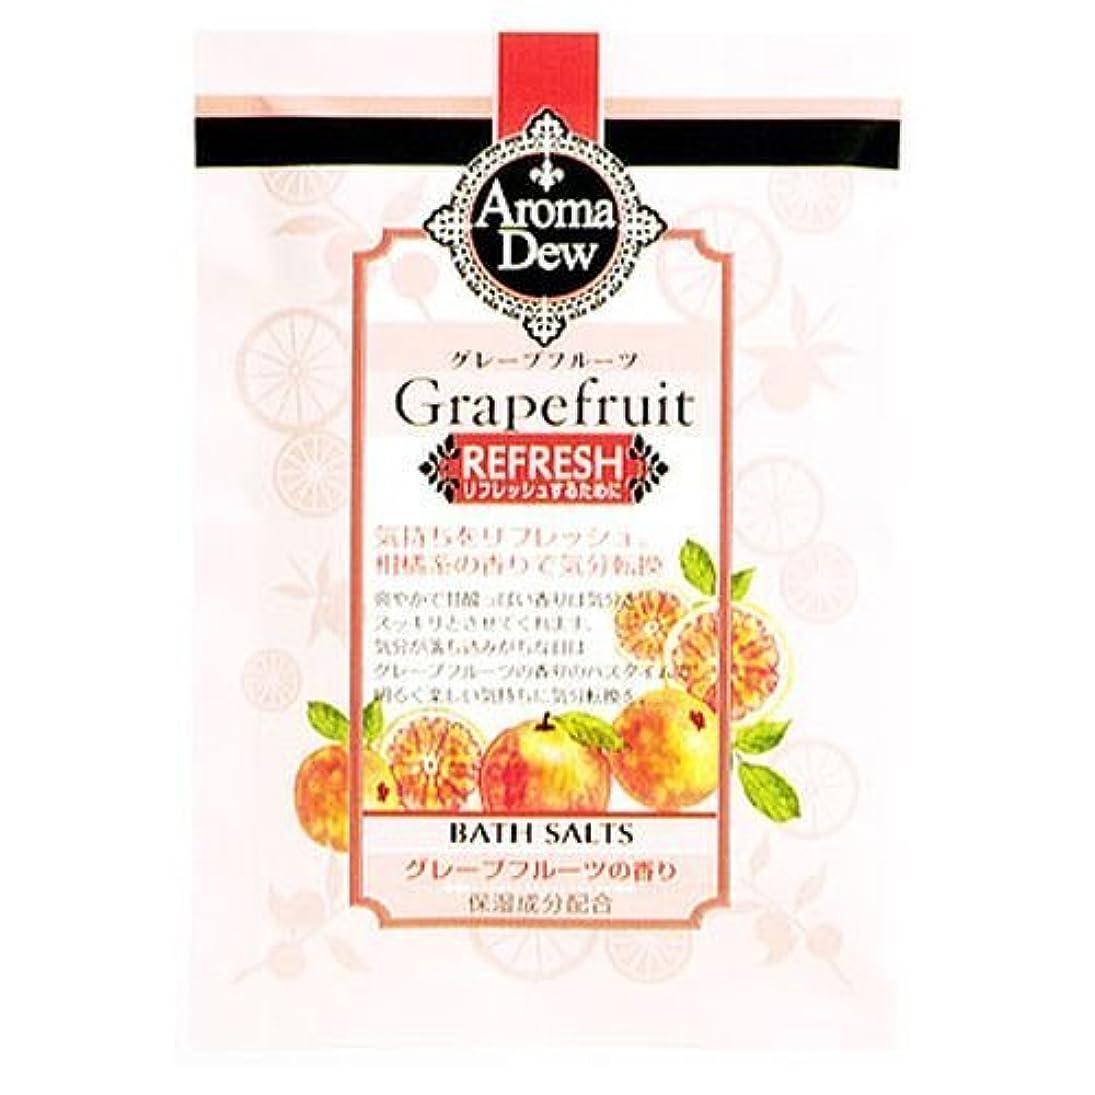 振る舞い一次記憶に残るクロバーコーポレーション アロマデュウ バスソルト グレープフルーツの香り グレープフルーツ